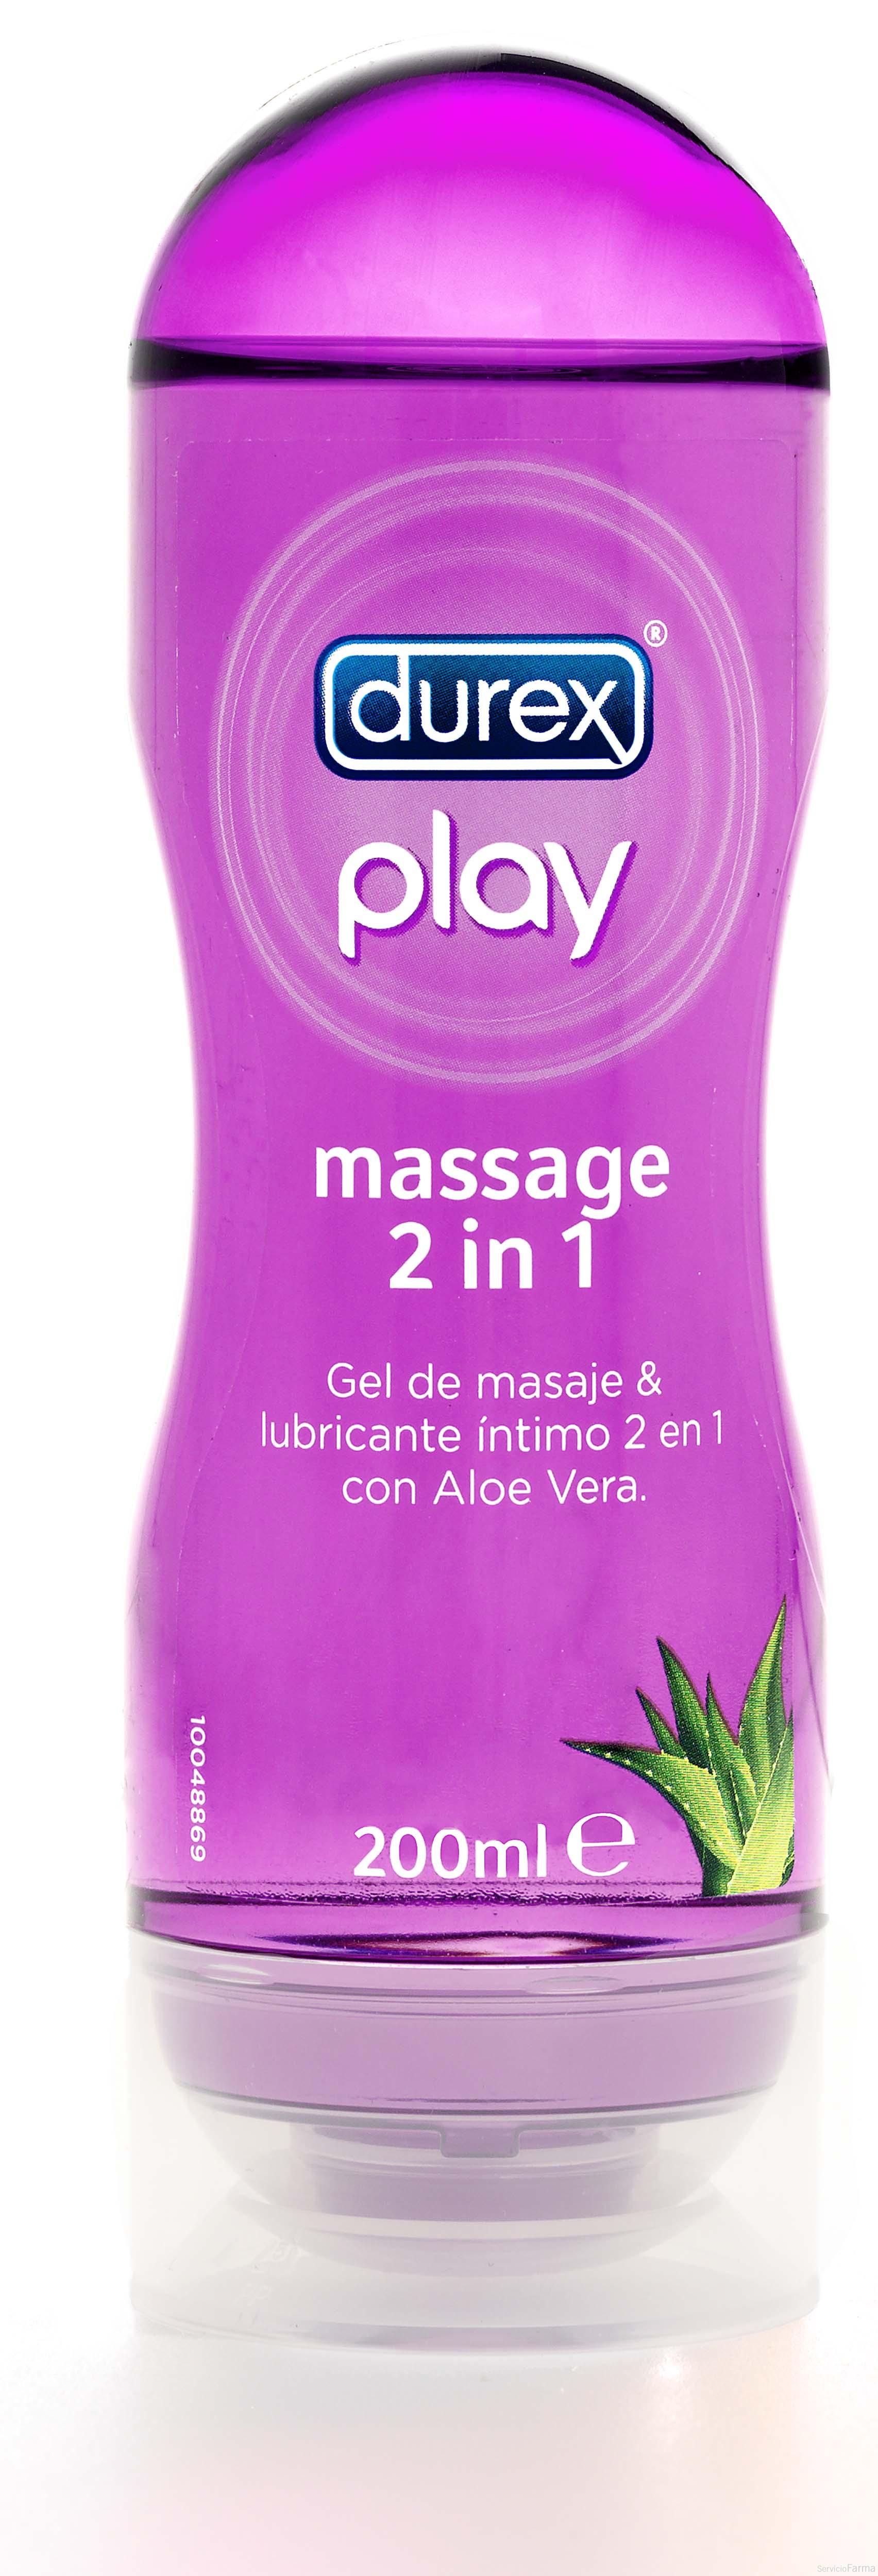 Tu Farmacia Online De Confianza Comprar Durex Play Massage 2 In 1 2in1 Ms Imgenes